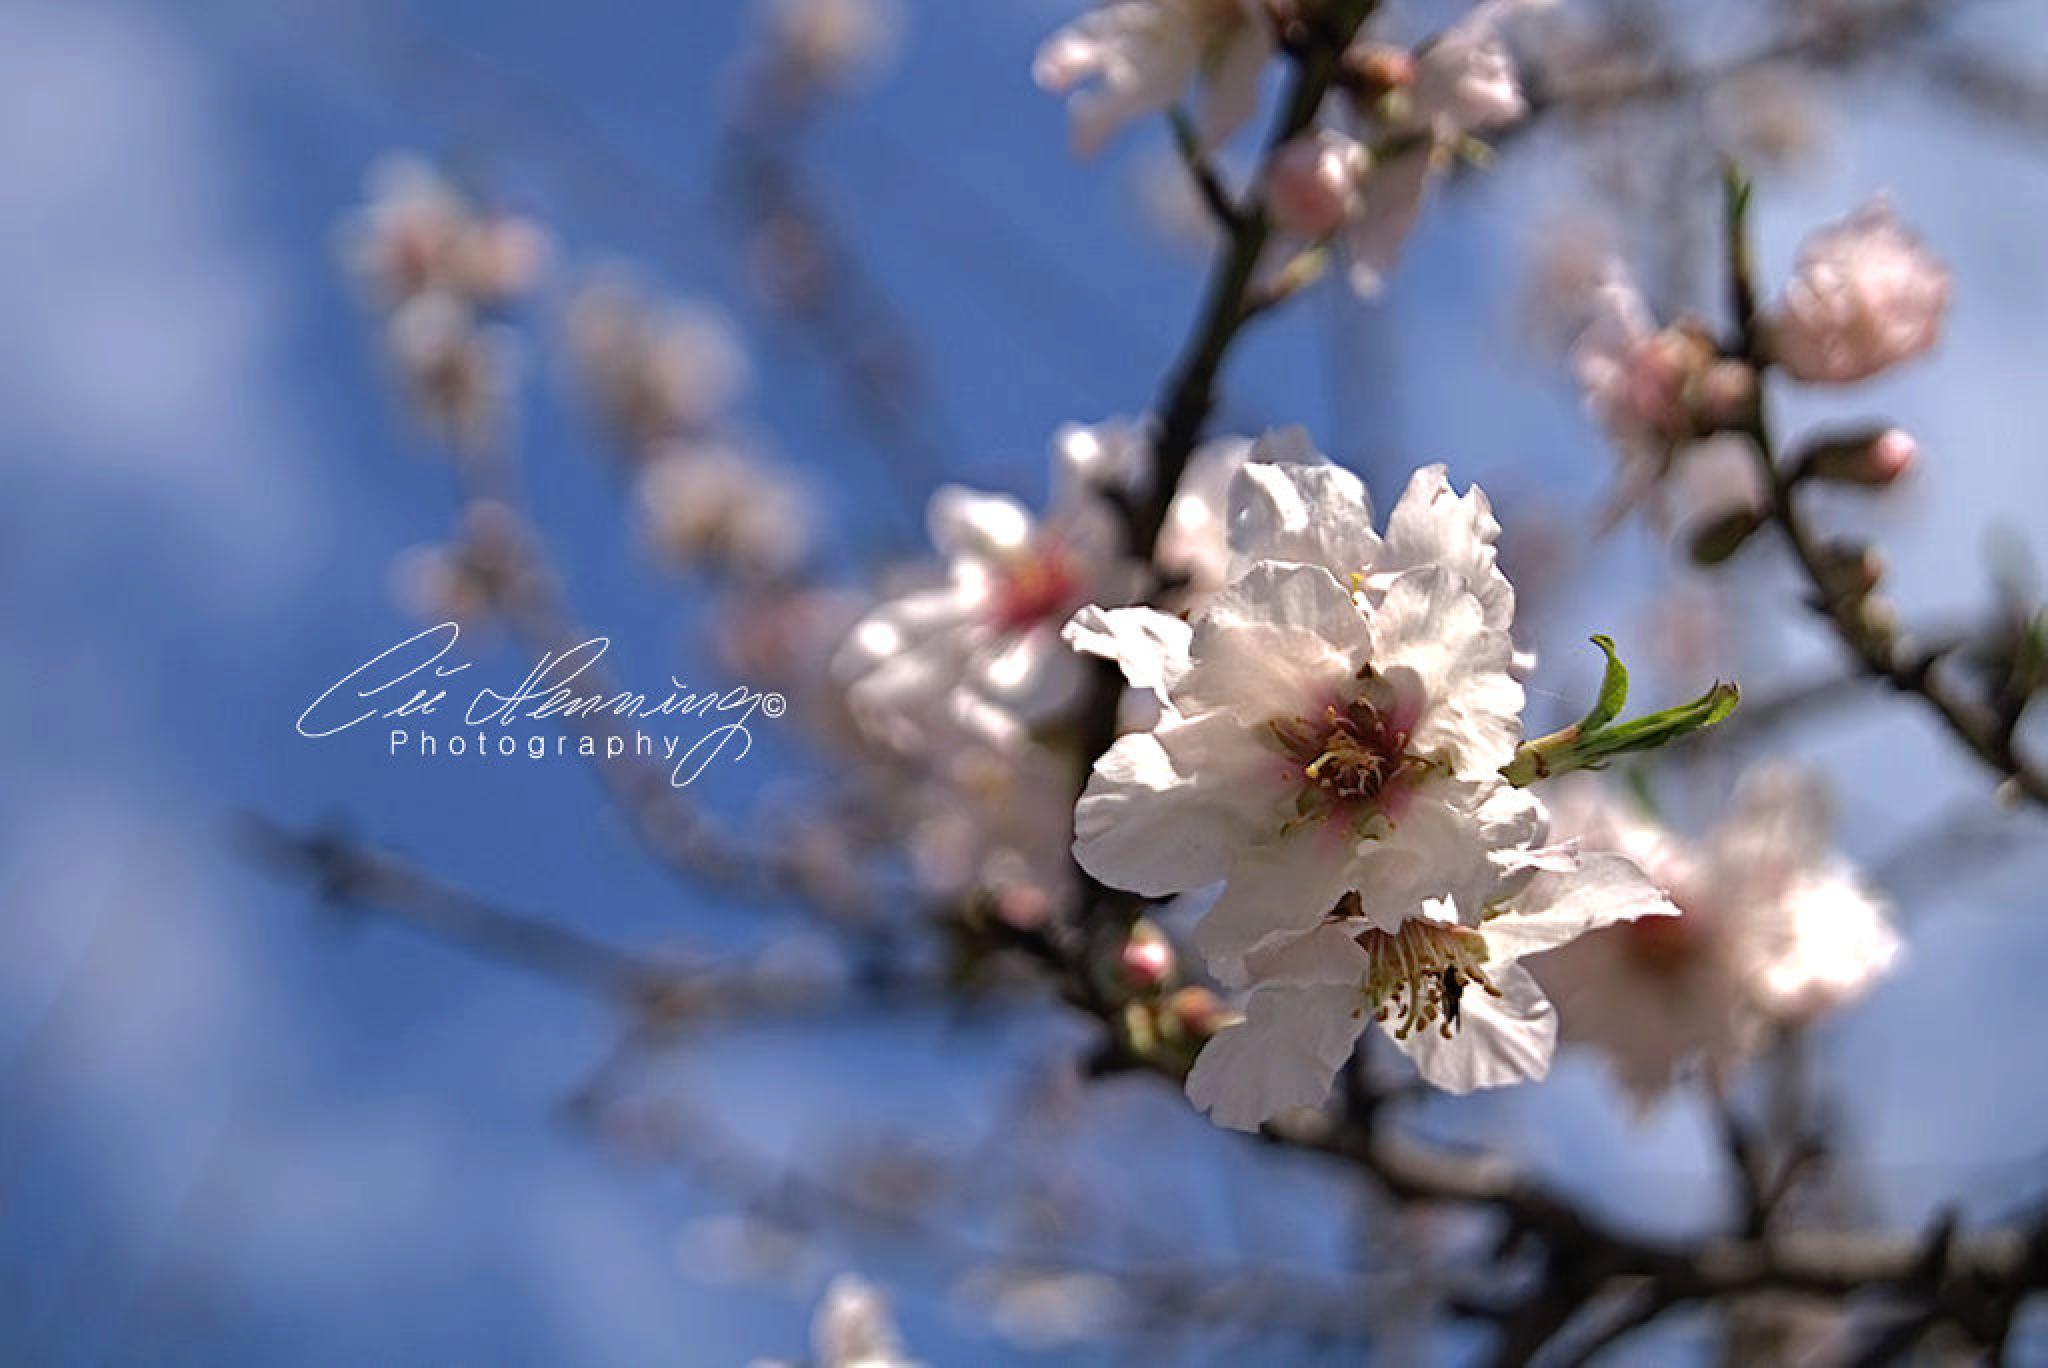 Blossom Time by Cüneyt Gakçı